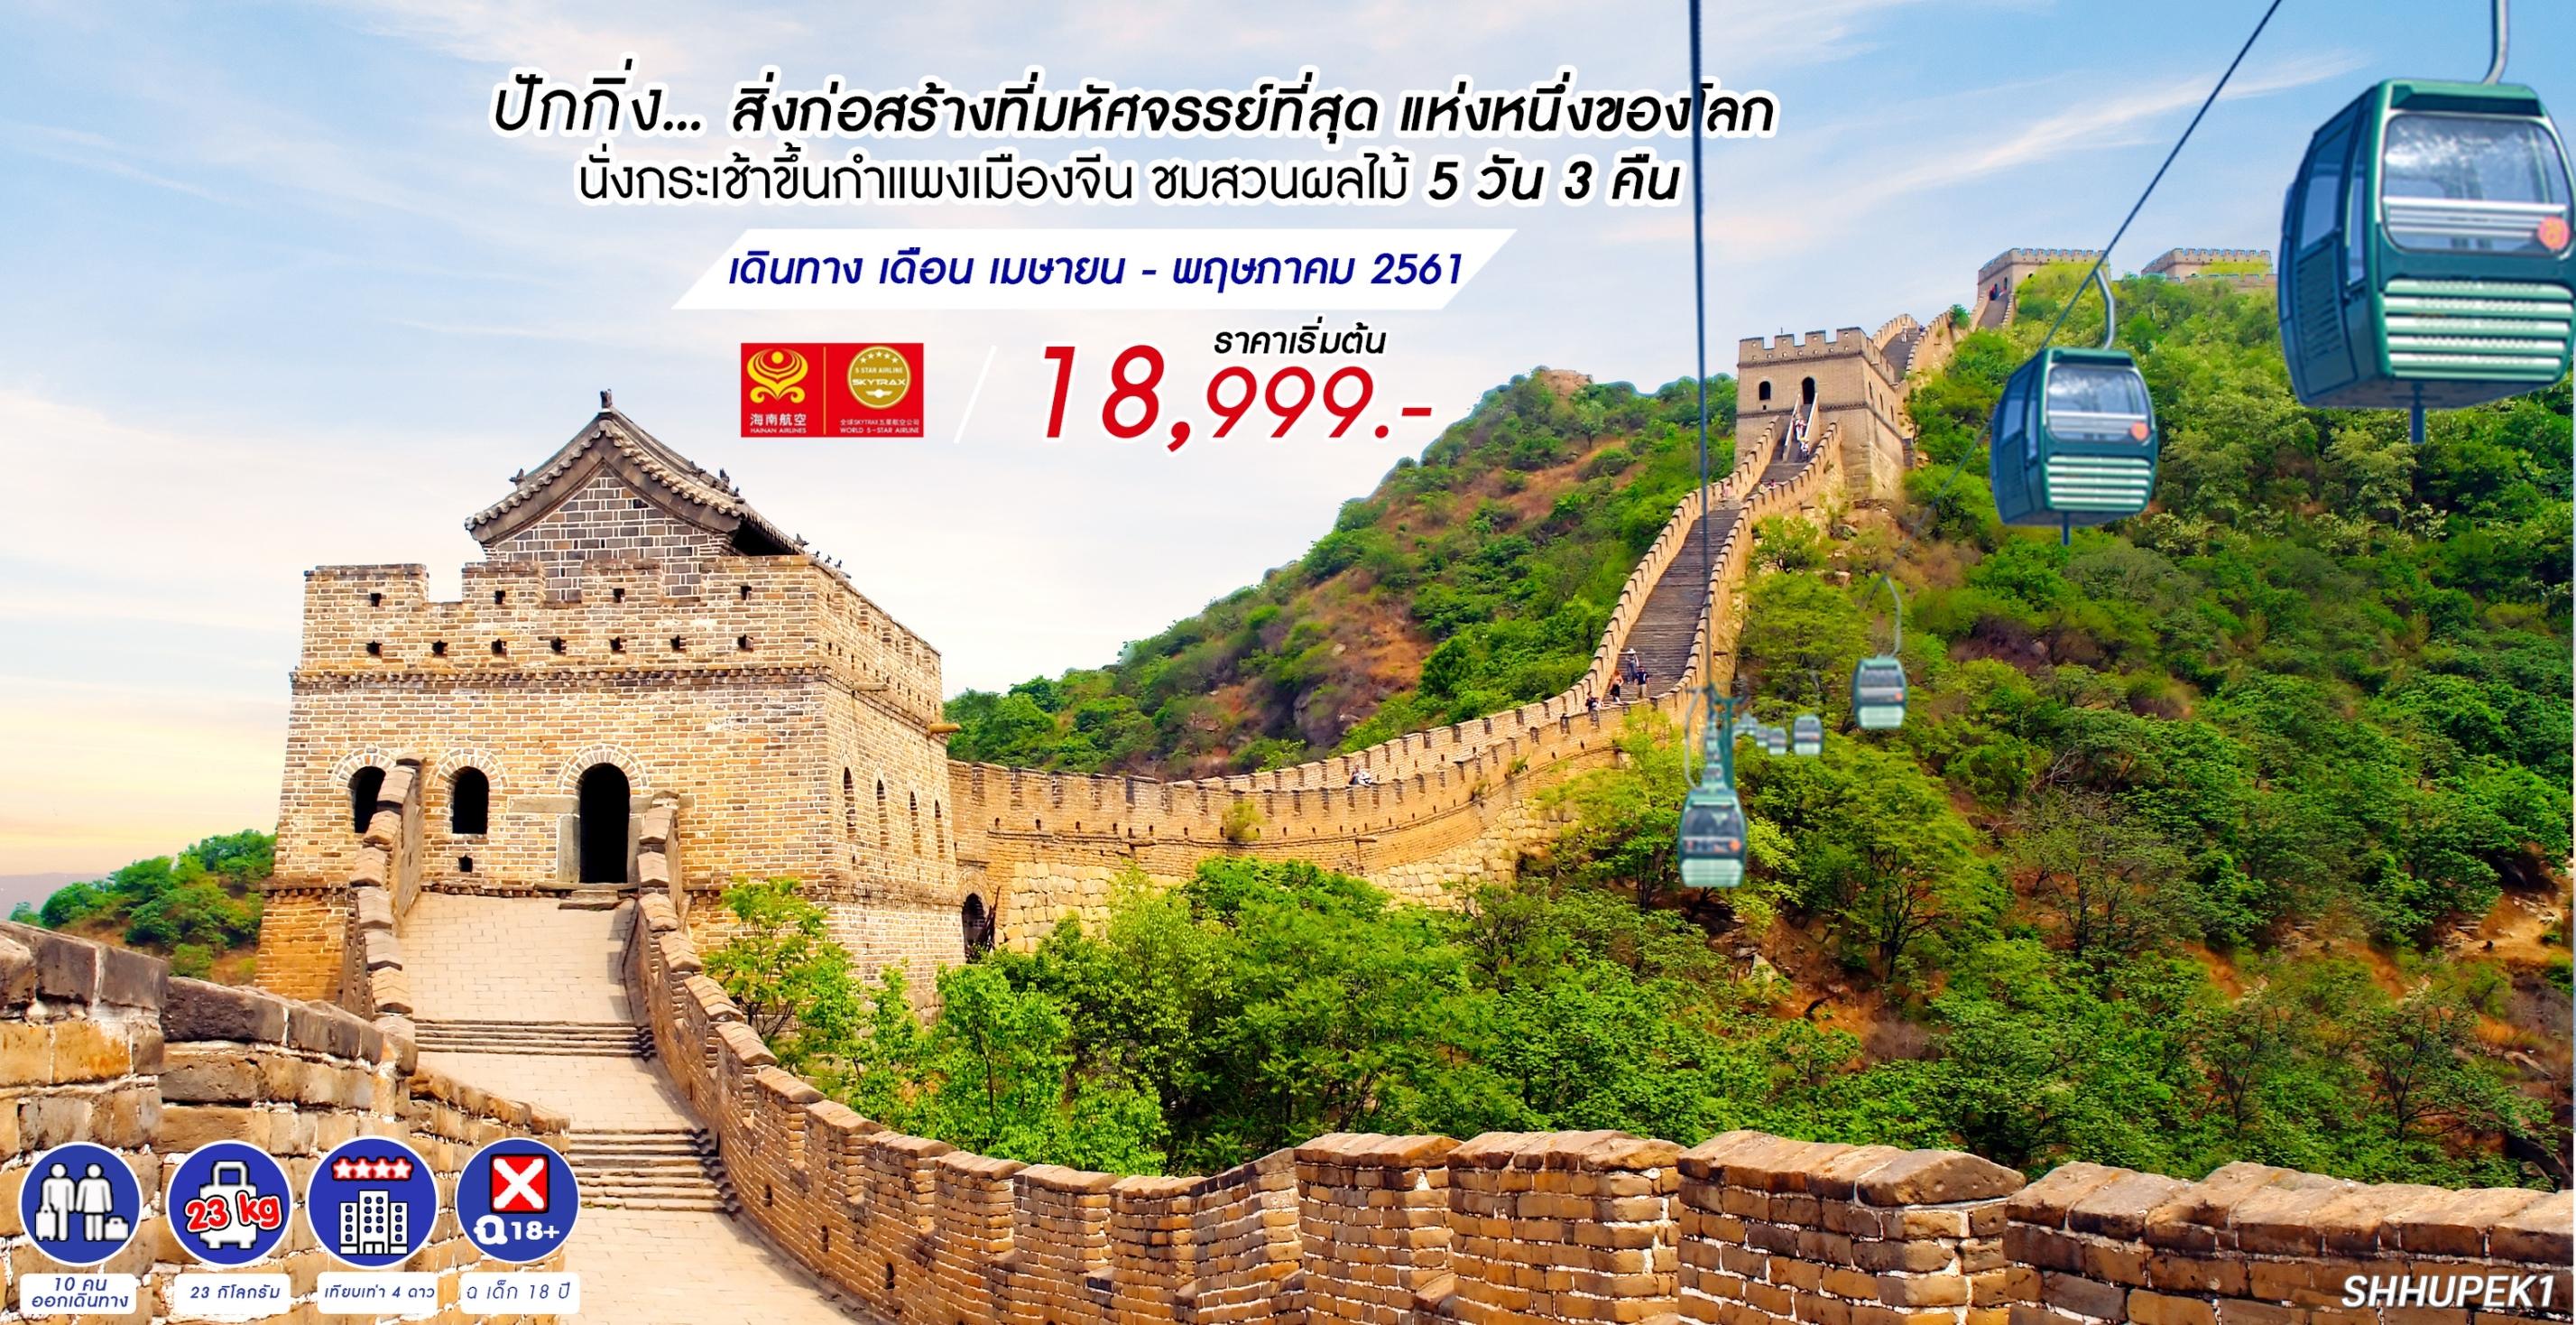 ทัวร์จีน ทัวร์ปักกิ่ง นั่งกระเช้าขึ้นกำแพงเมืองจีน ชมสวนผลไม้ 5 วัน 3 คืน (HU)